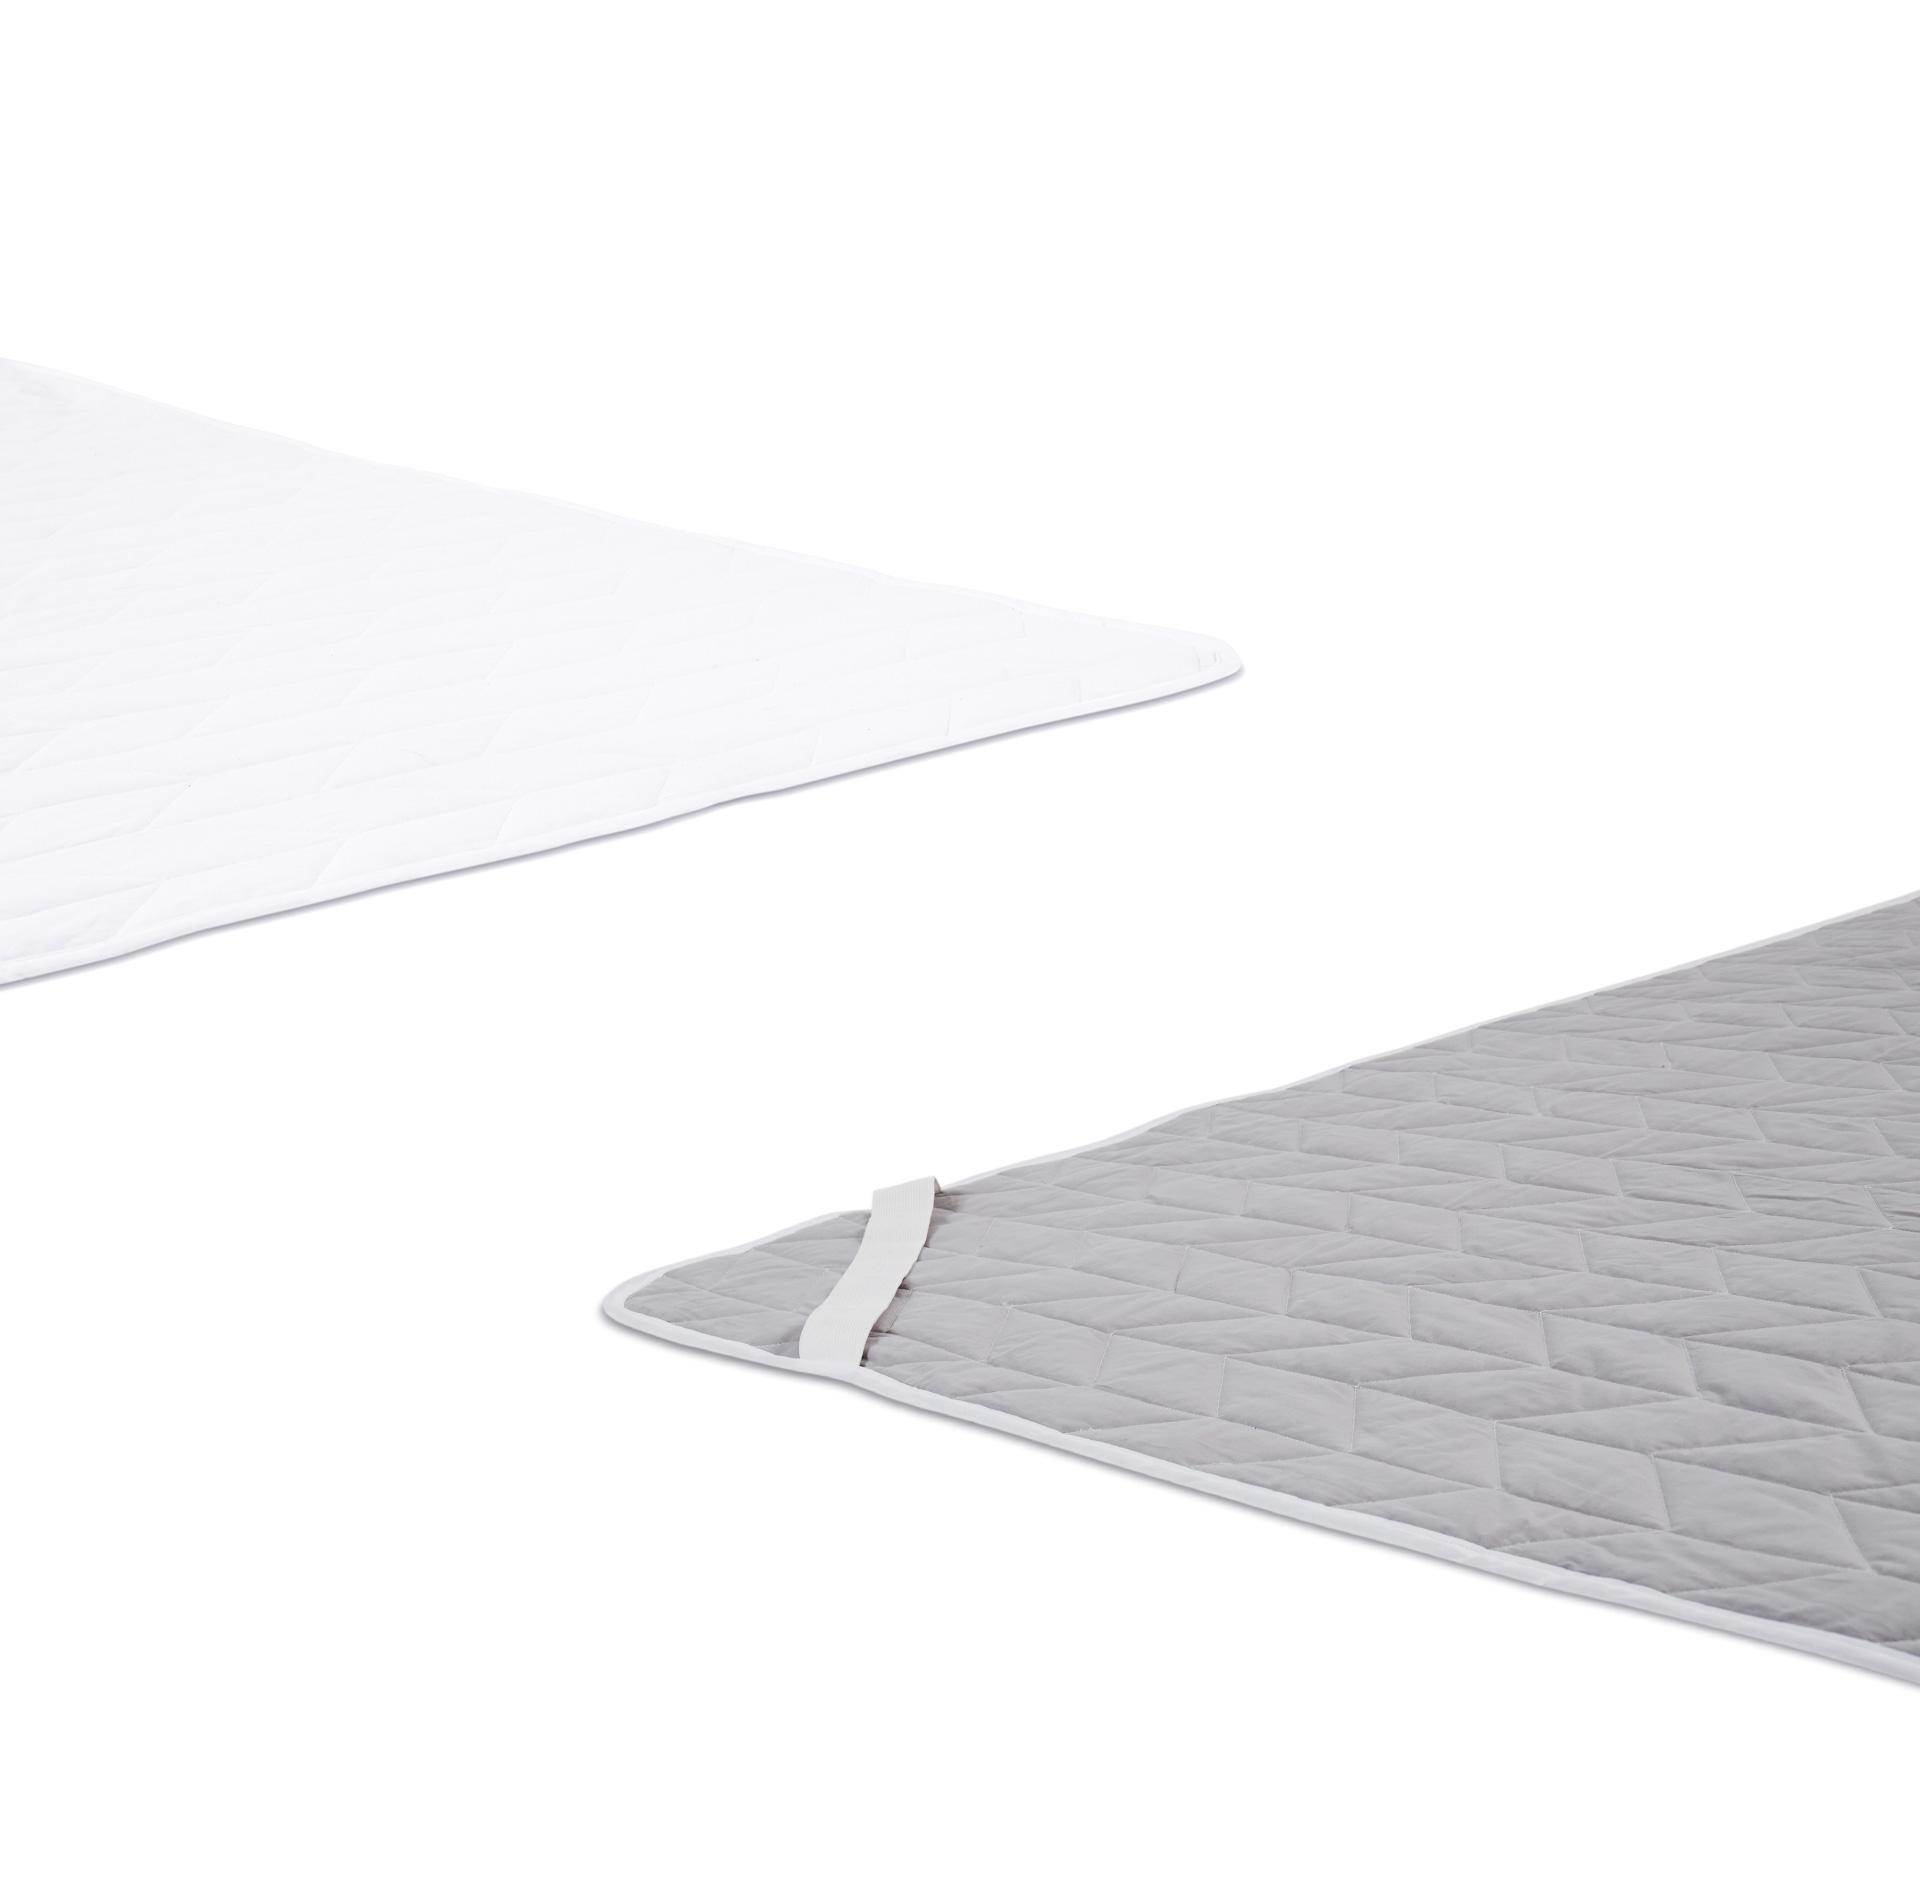 面料采用双面配色,正面白色,背面高级灰,一眼区分正反,扣垫和选面晾晒都更快捷方便。?x-oss-process=image/format,jpg/interlace,1